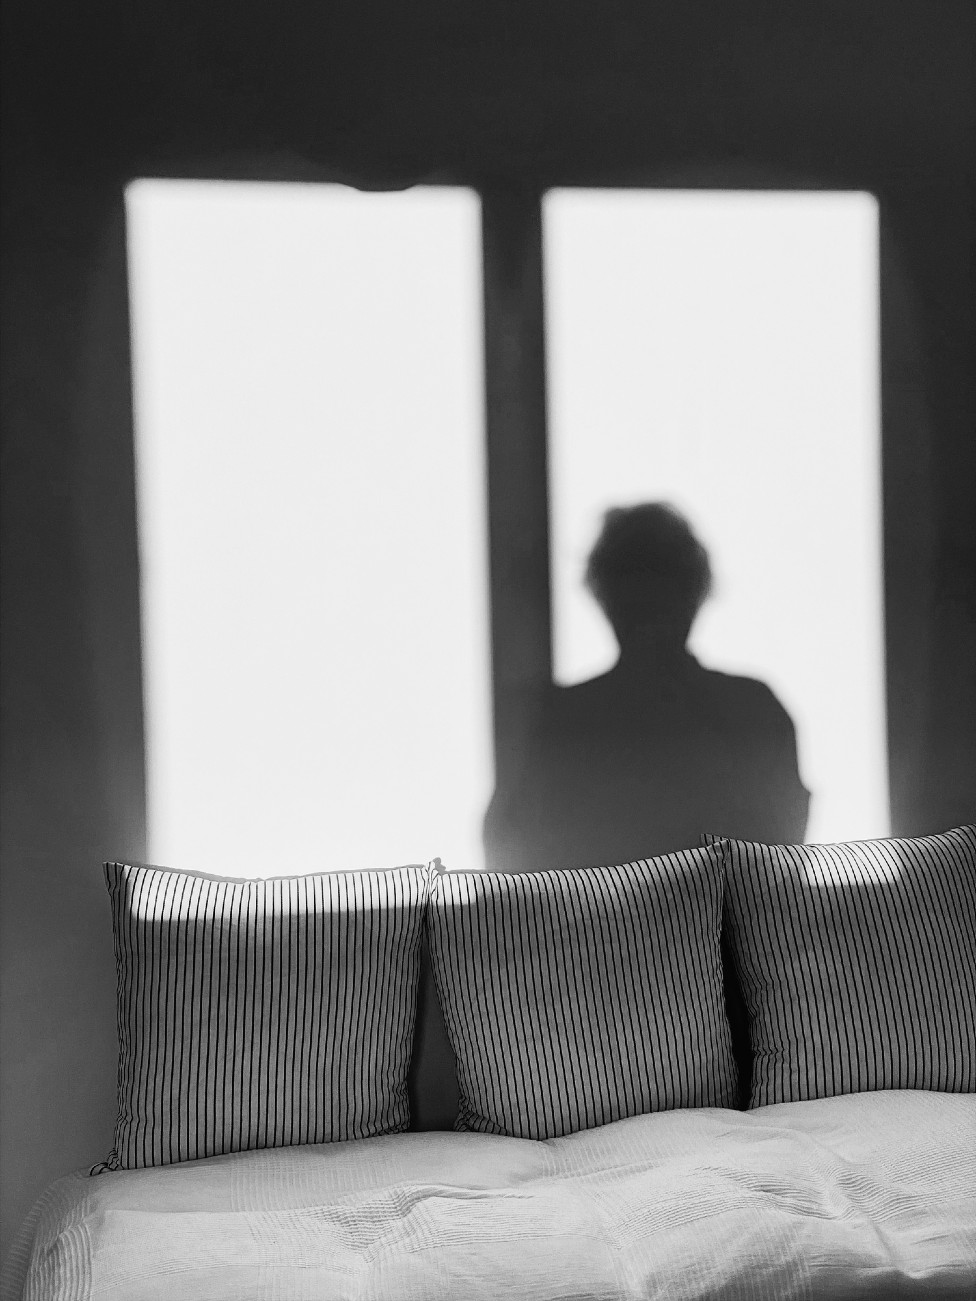 Sombra de mujer